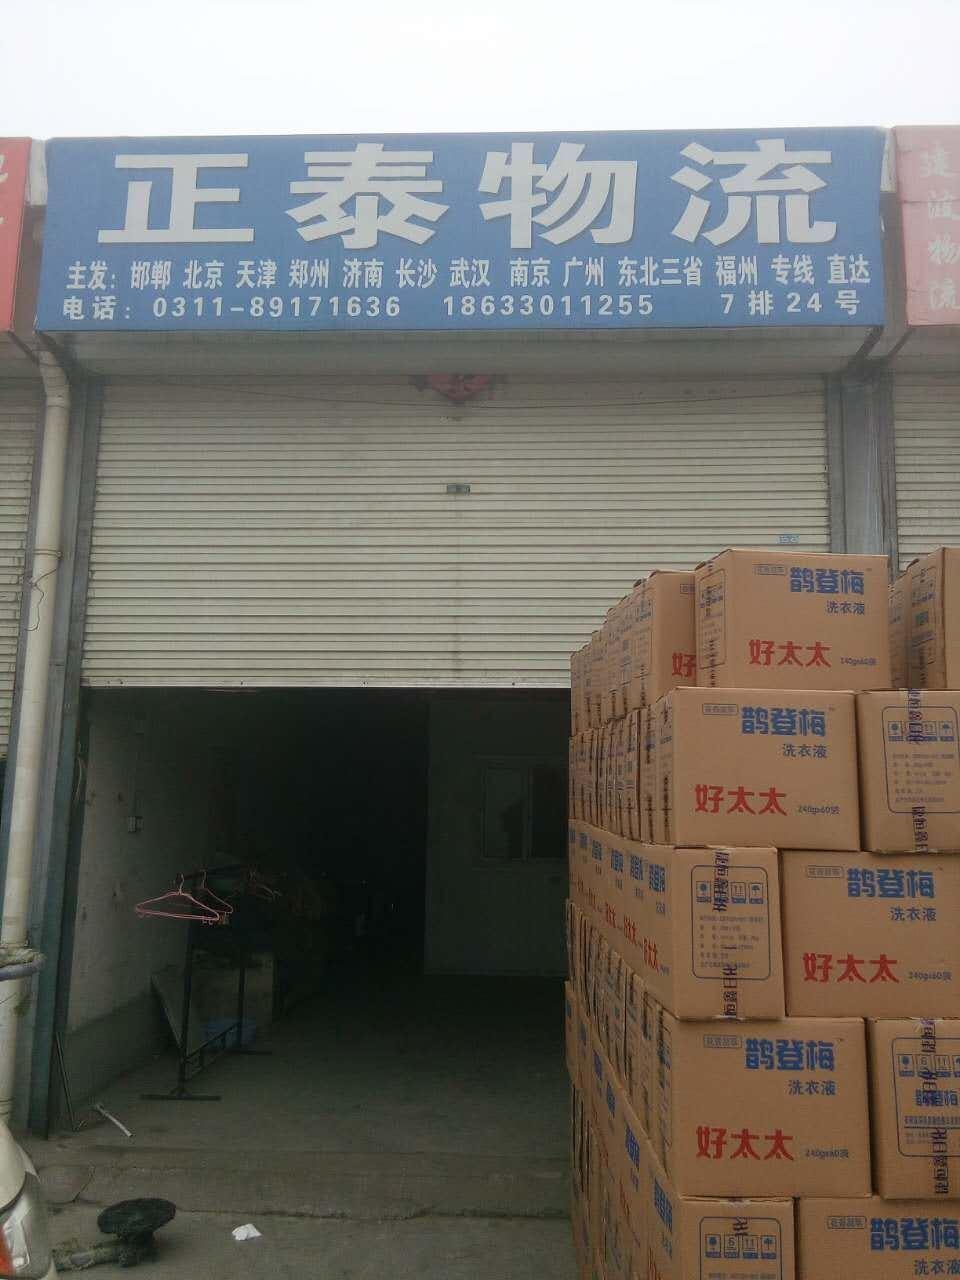 石家庄到上海物流专线(石家庄正泰物流货运中心)